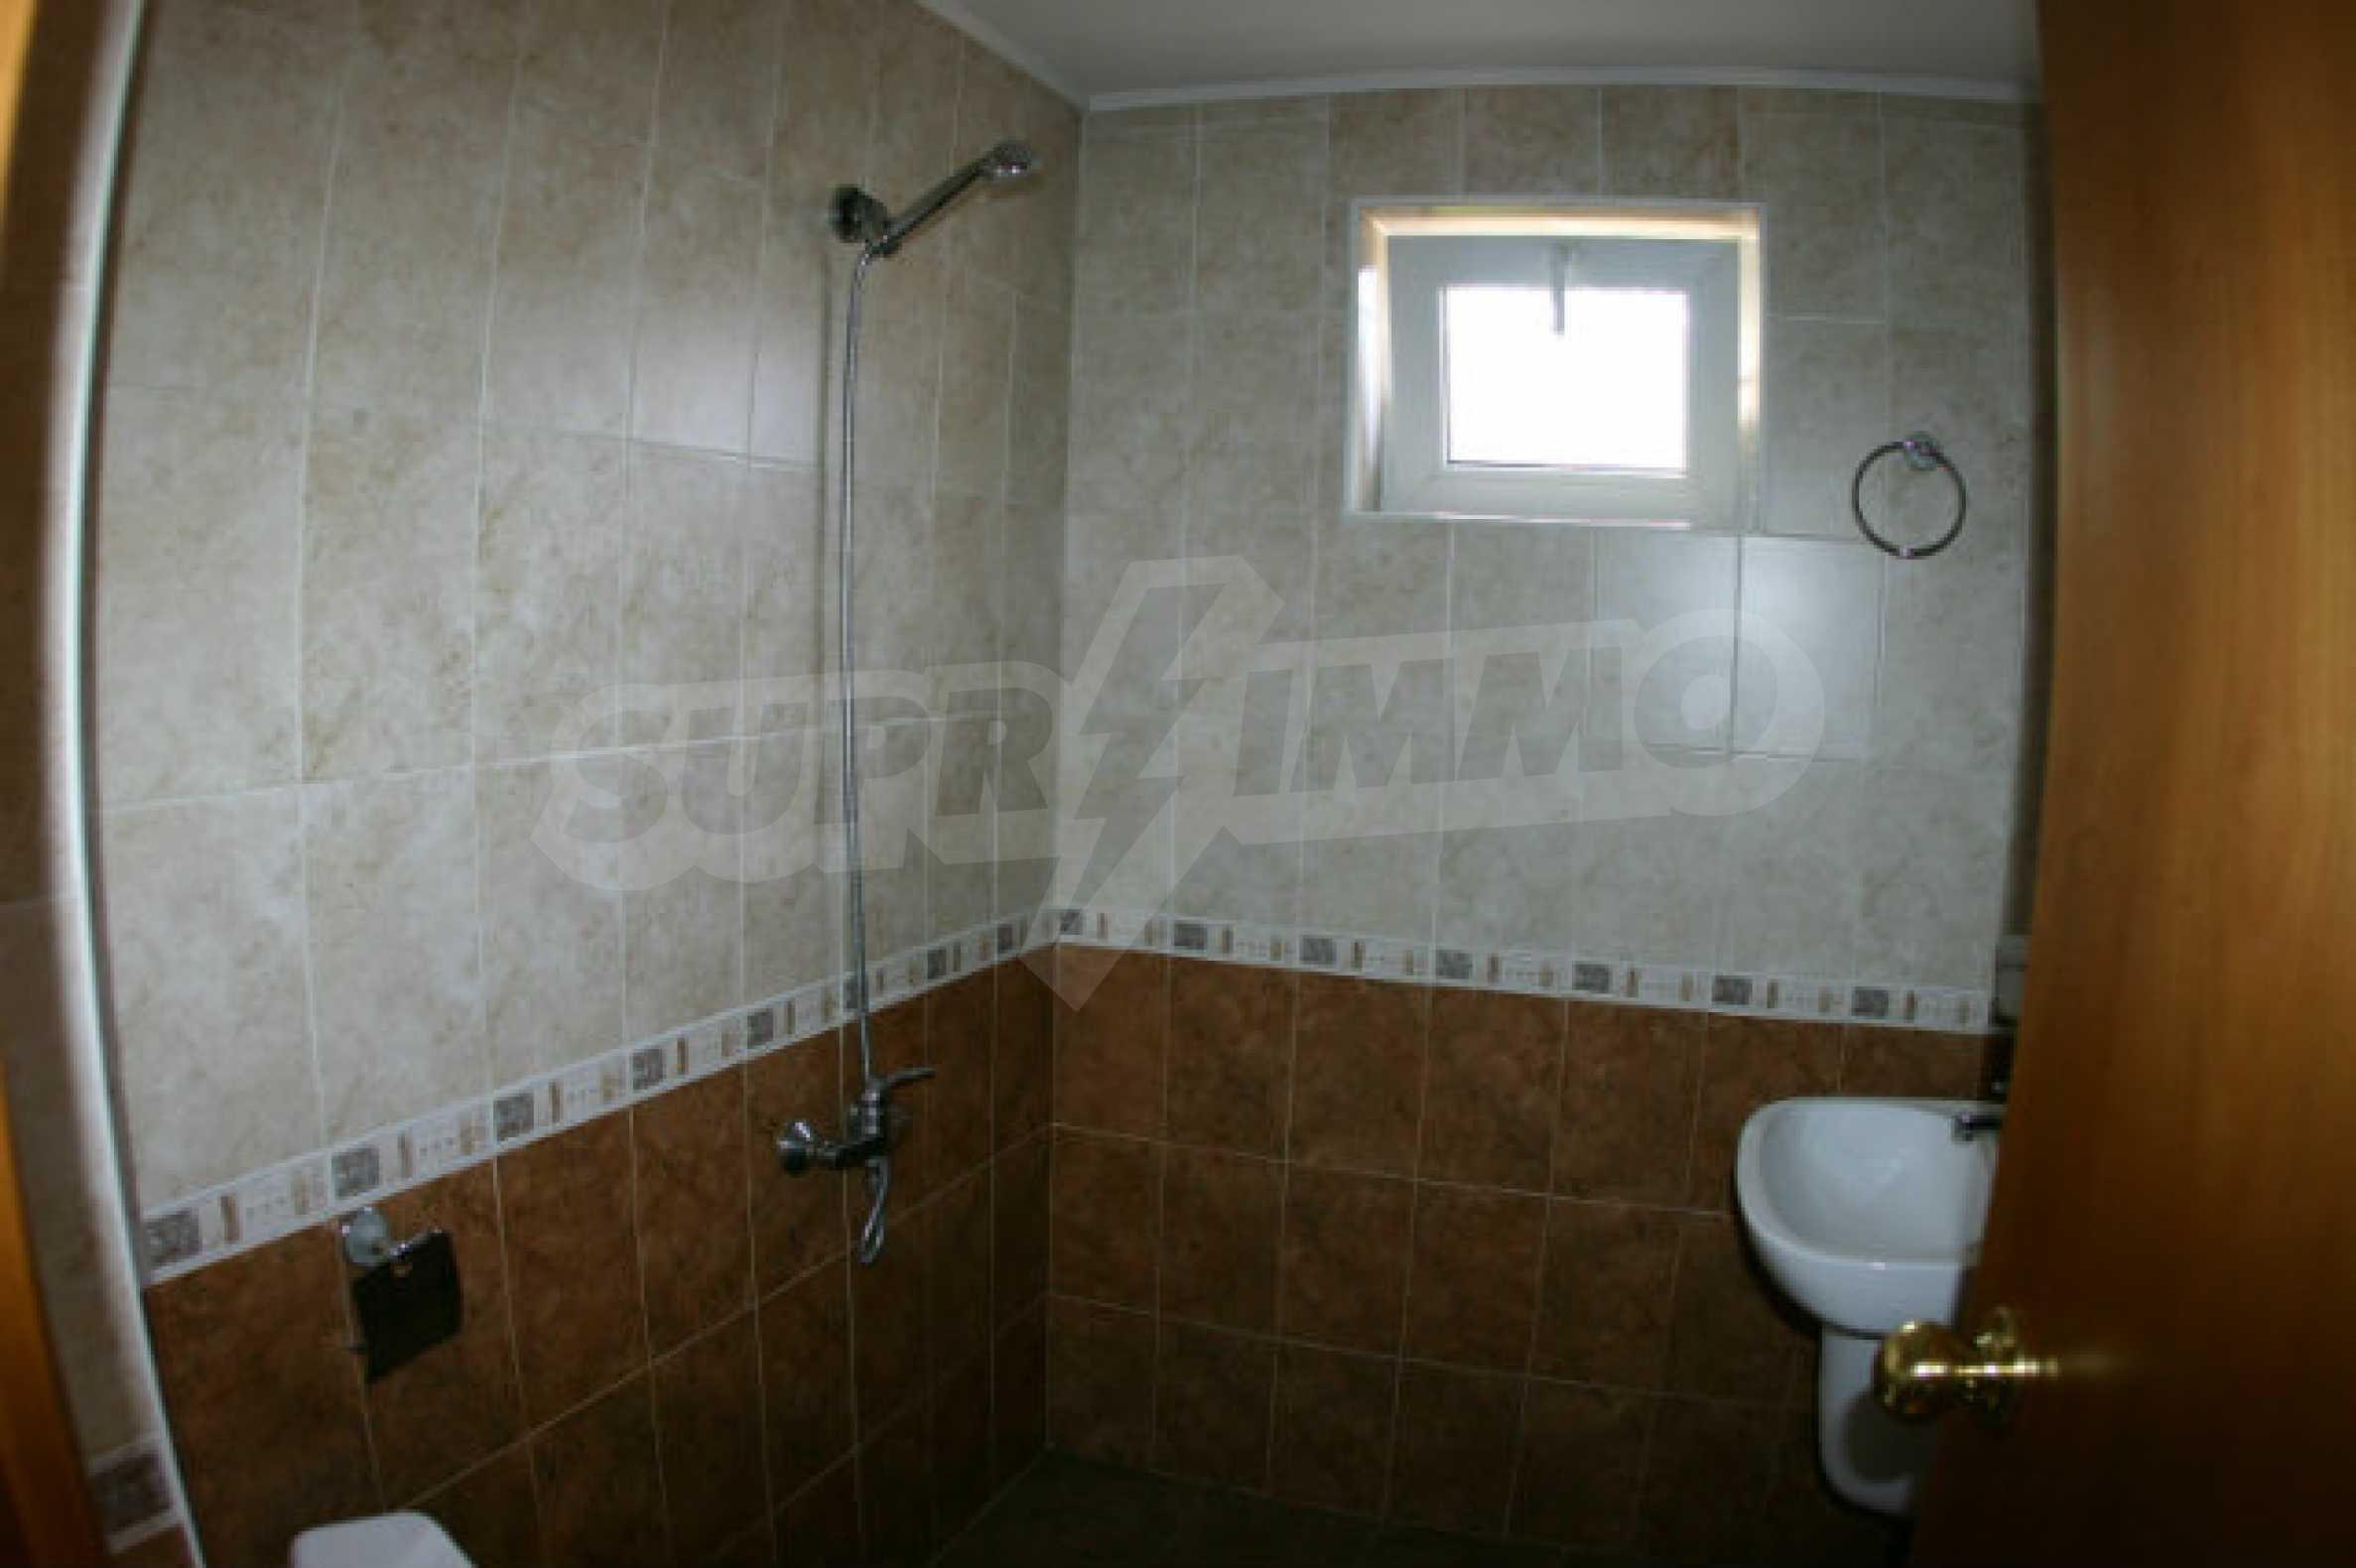 Familienhotel zum Verkauf in Dobrinischte, 6 km von Bansko entfernt 23